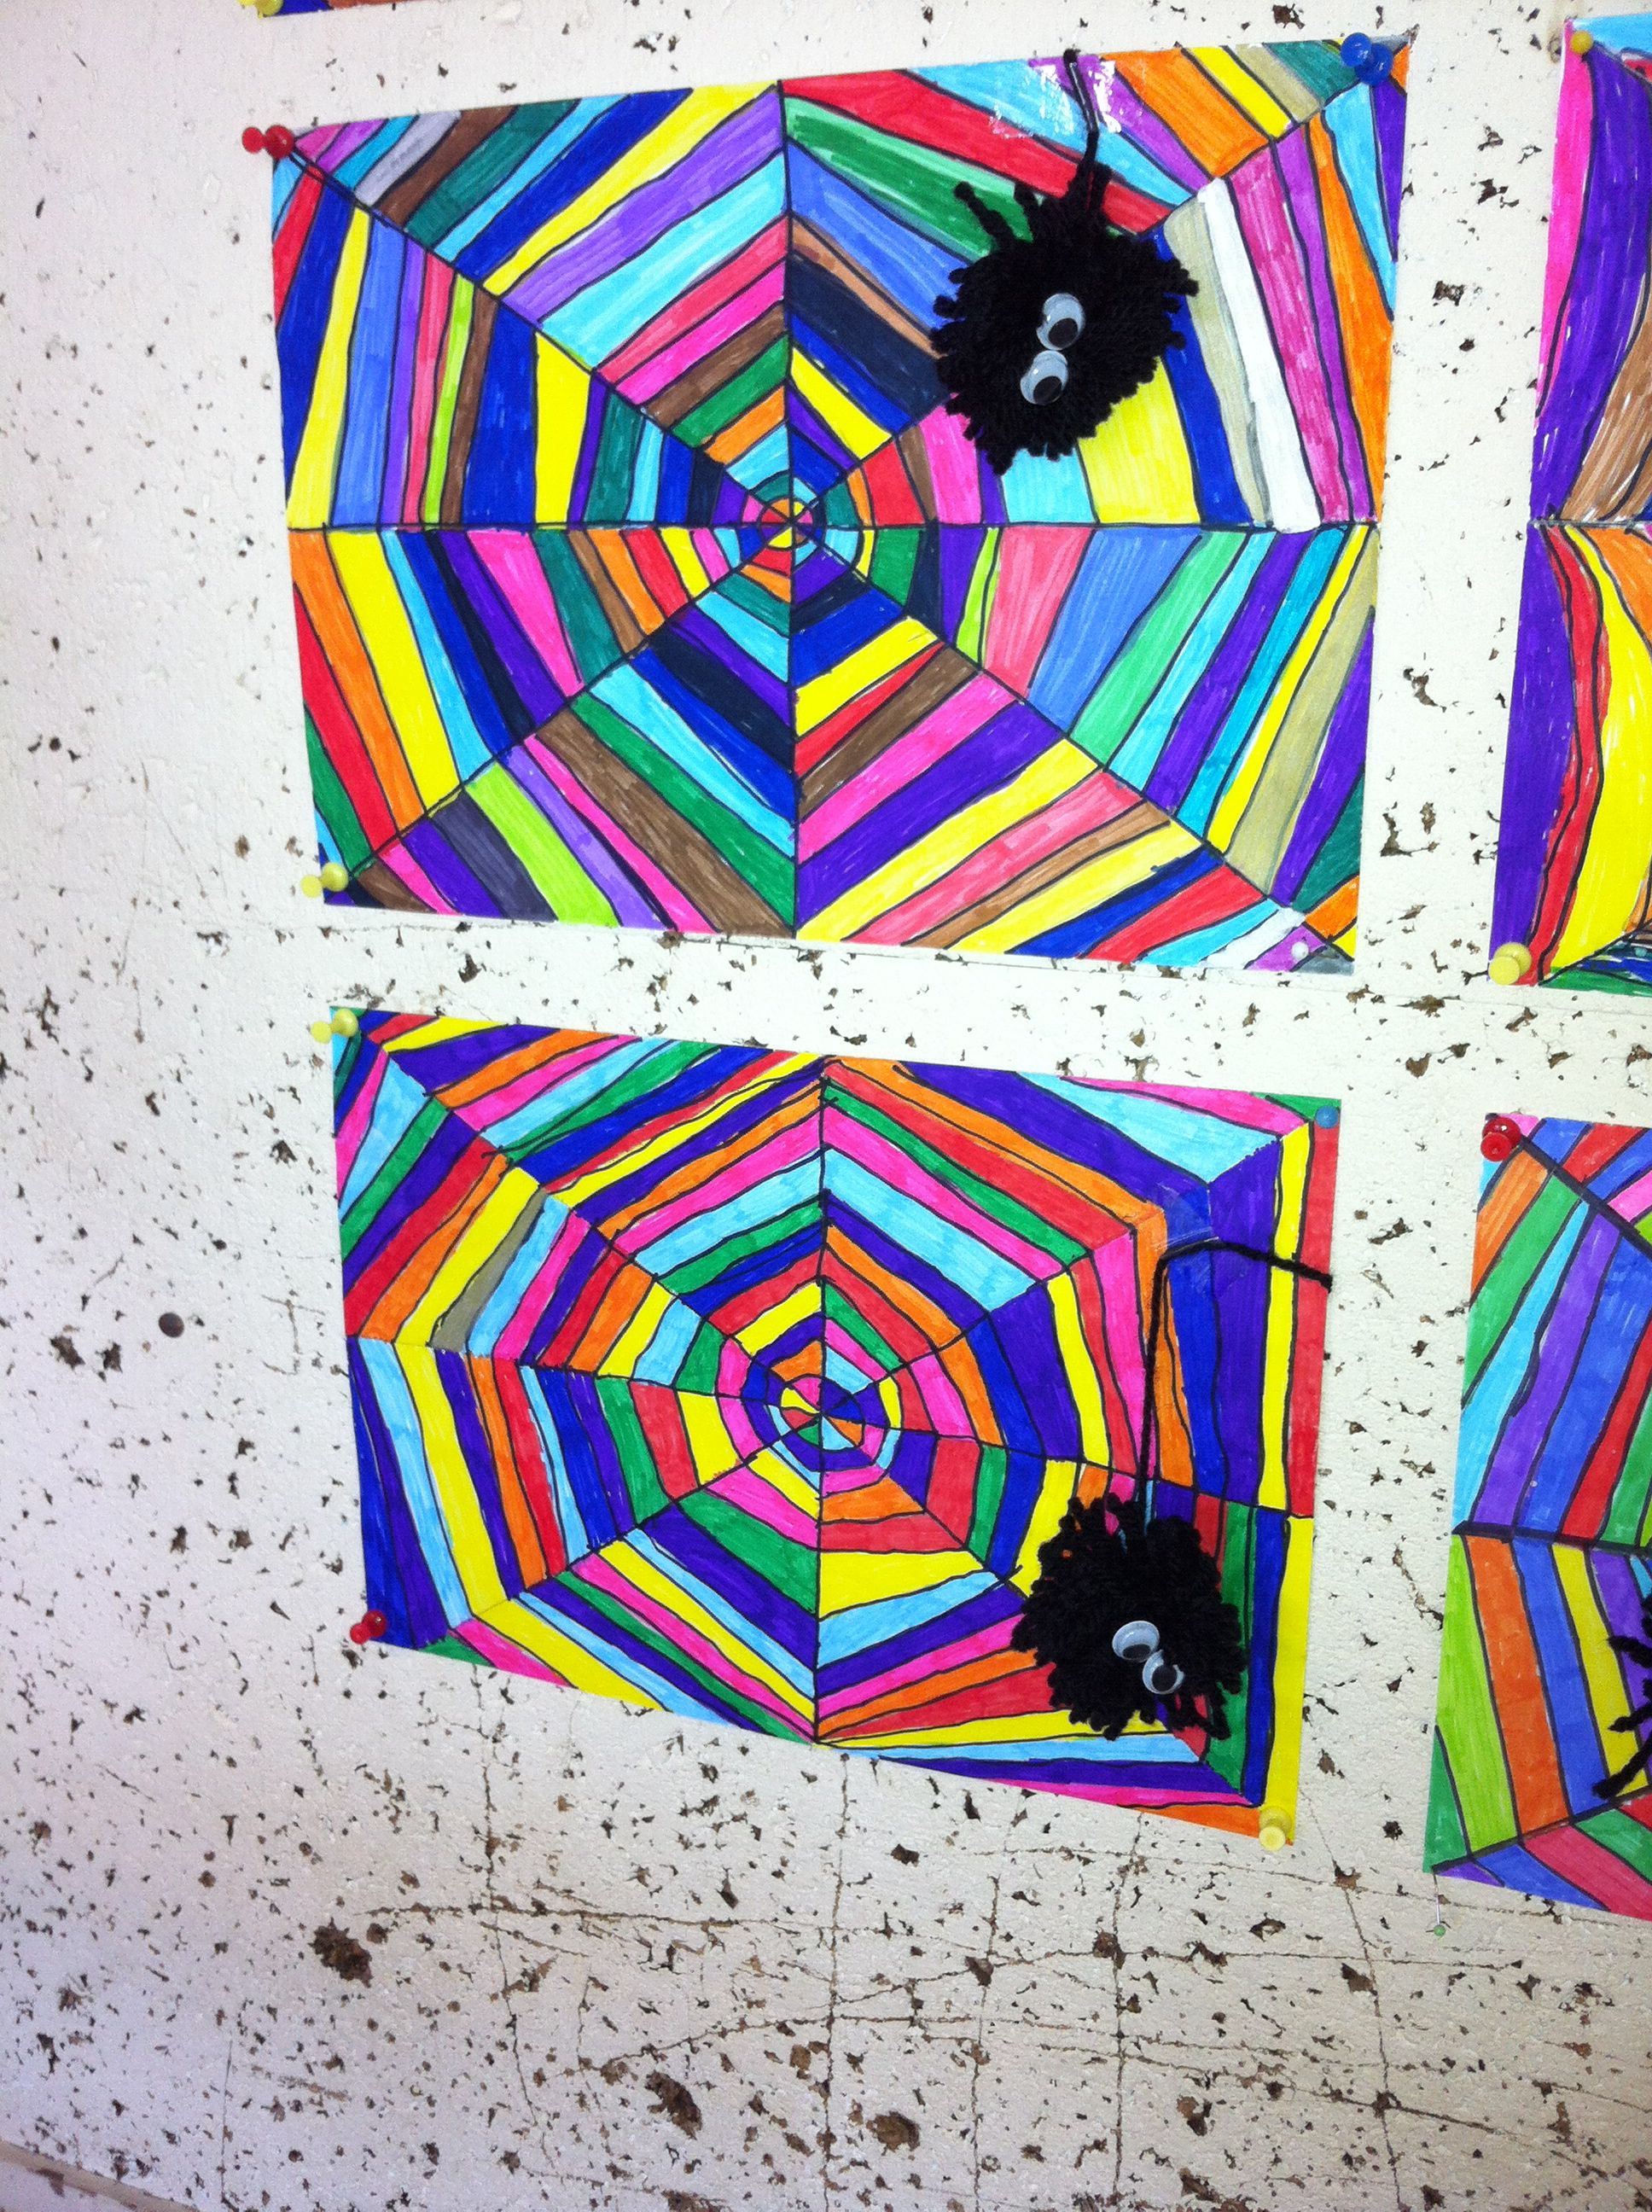 Quatang Gallery - Klasnieuws 3de En 4de Leerjaar Techniek In De Klas We Timmeren Een Spinnenweb Herfst Knutselen Kinderen Knutselen Met Halloween Herfst Knutselen